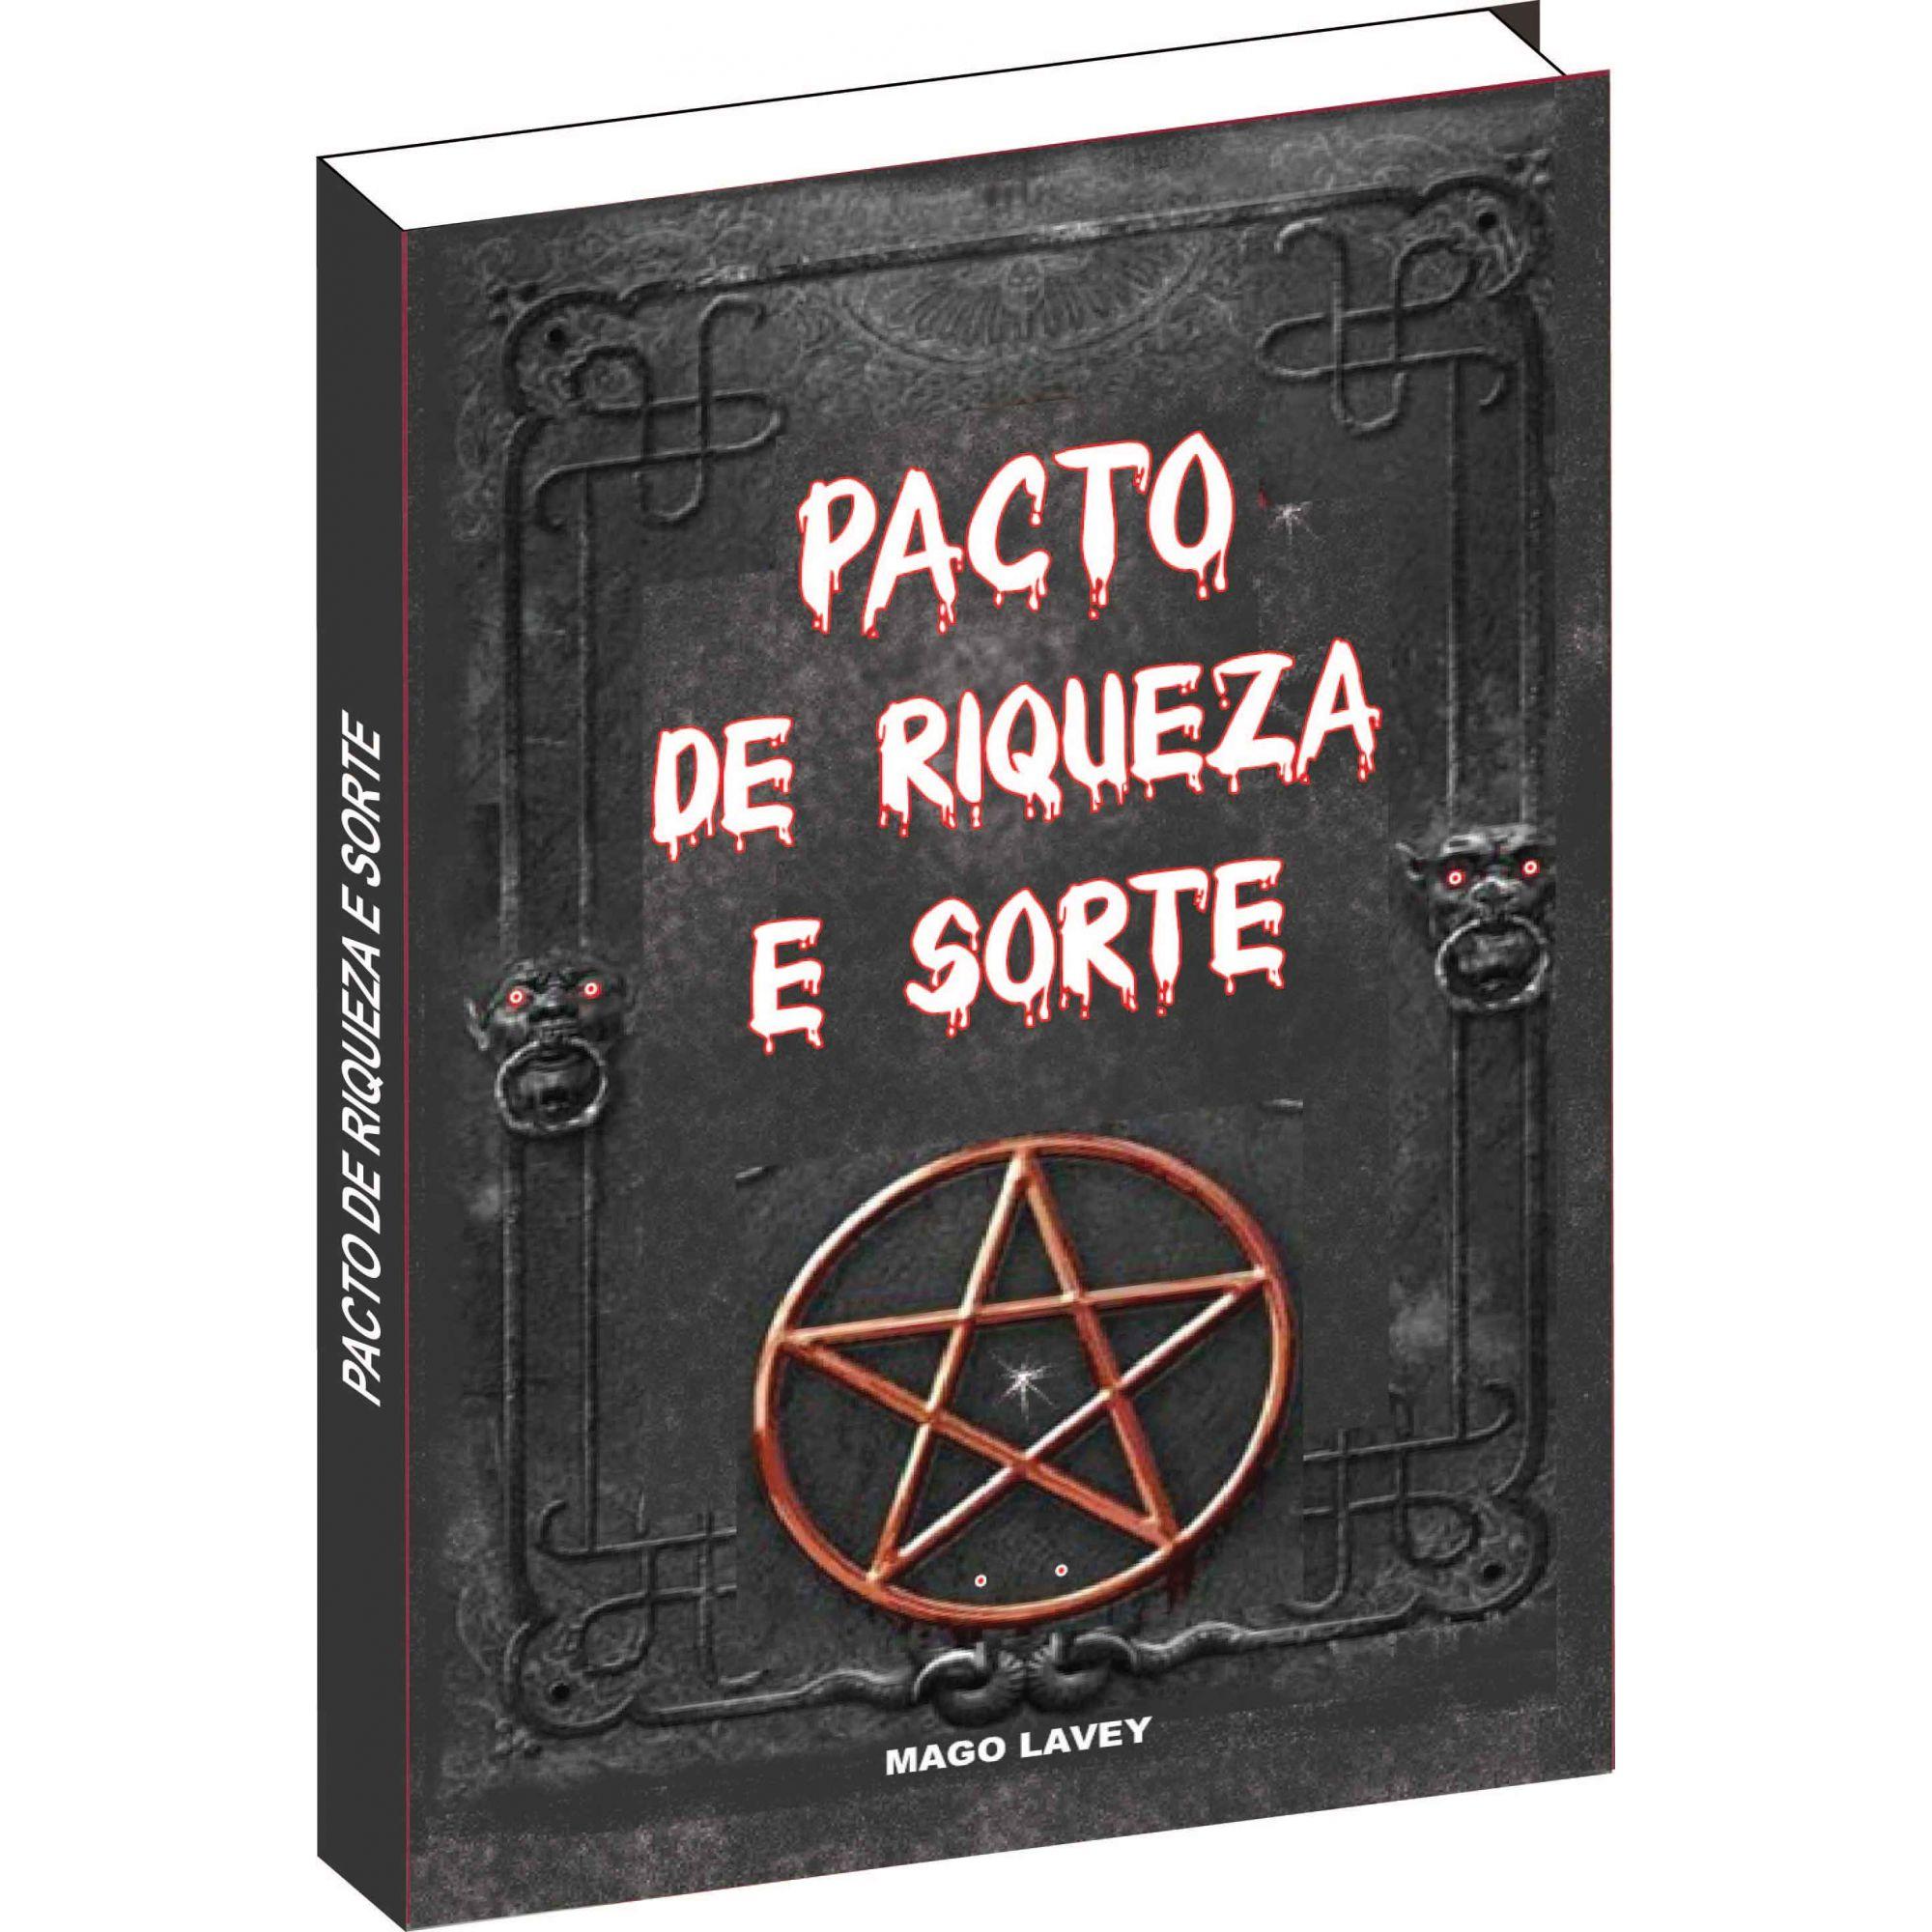 Pacto de riqueza e sorte do Reio Salomão  - Livropostal Editora